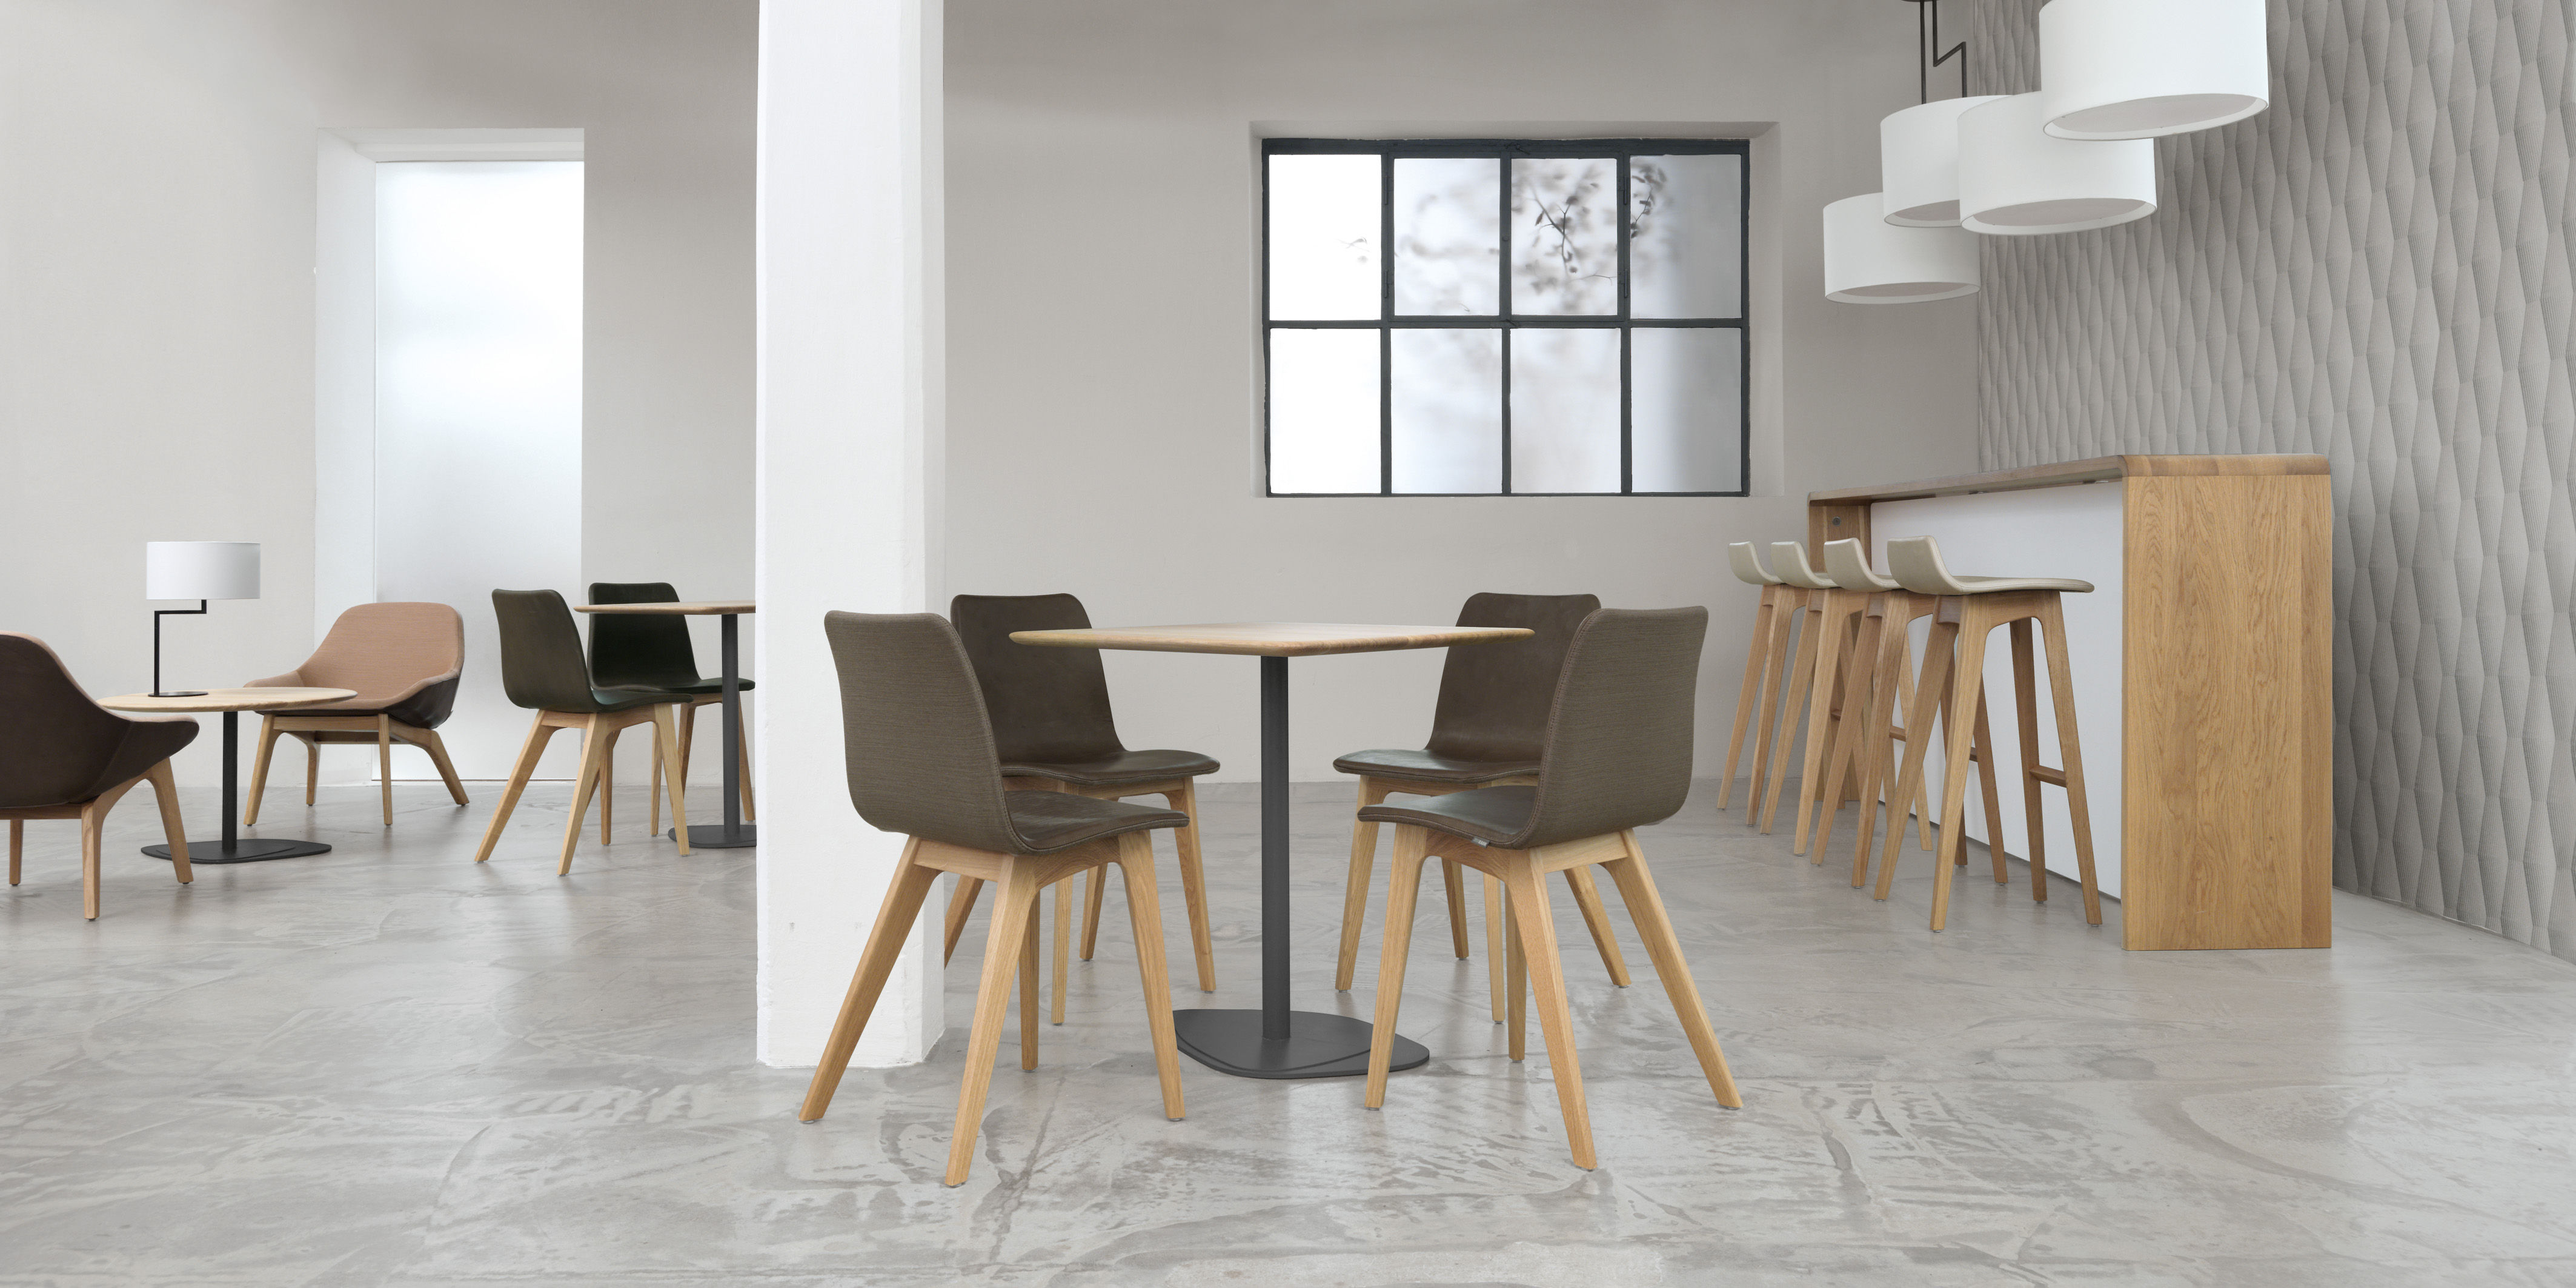 tabouret de bar morph zeitraum ch ne naturel l 36 x h 92 made in design. Black Bedroom Furniture Sets. Home Design Ideas